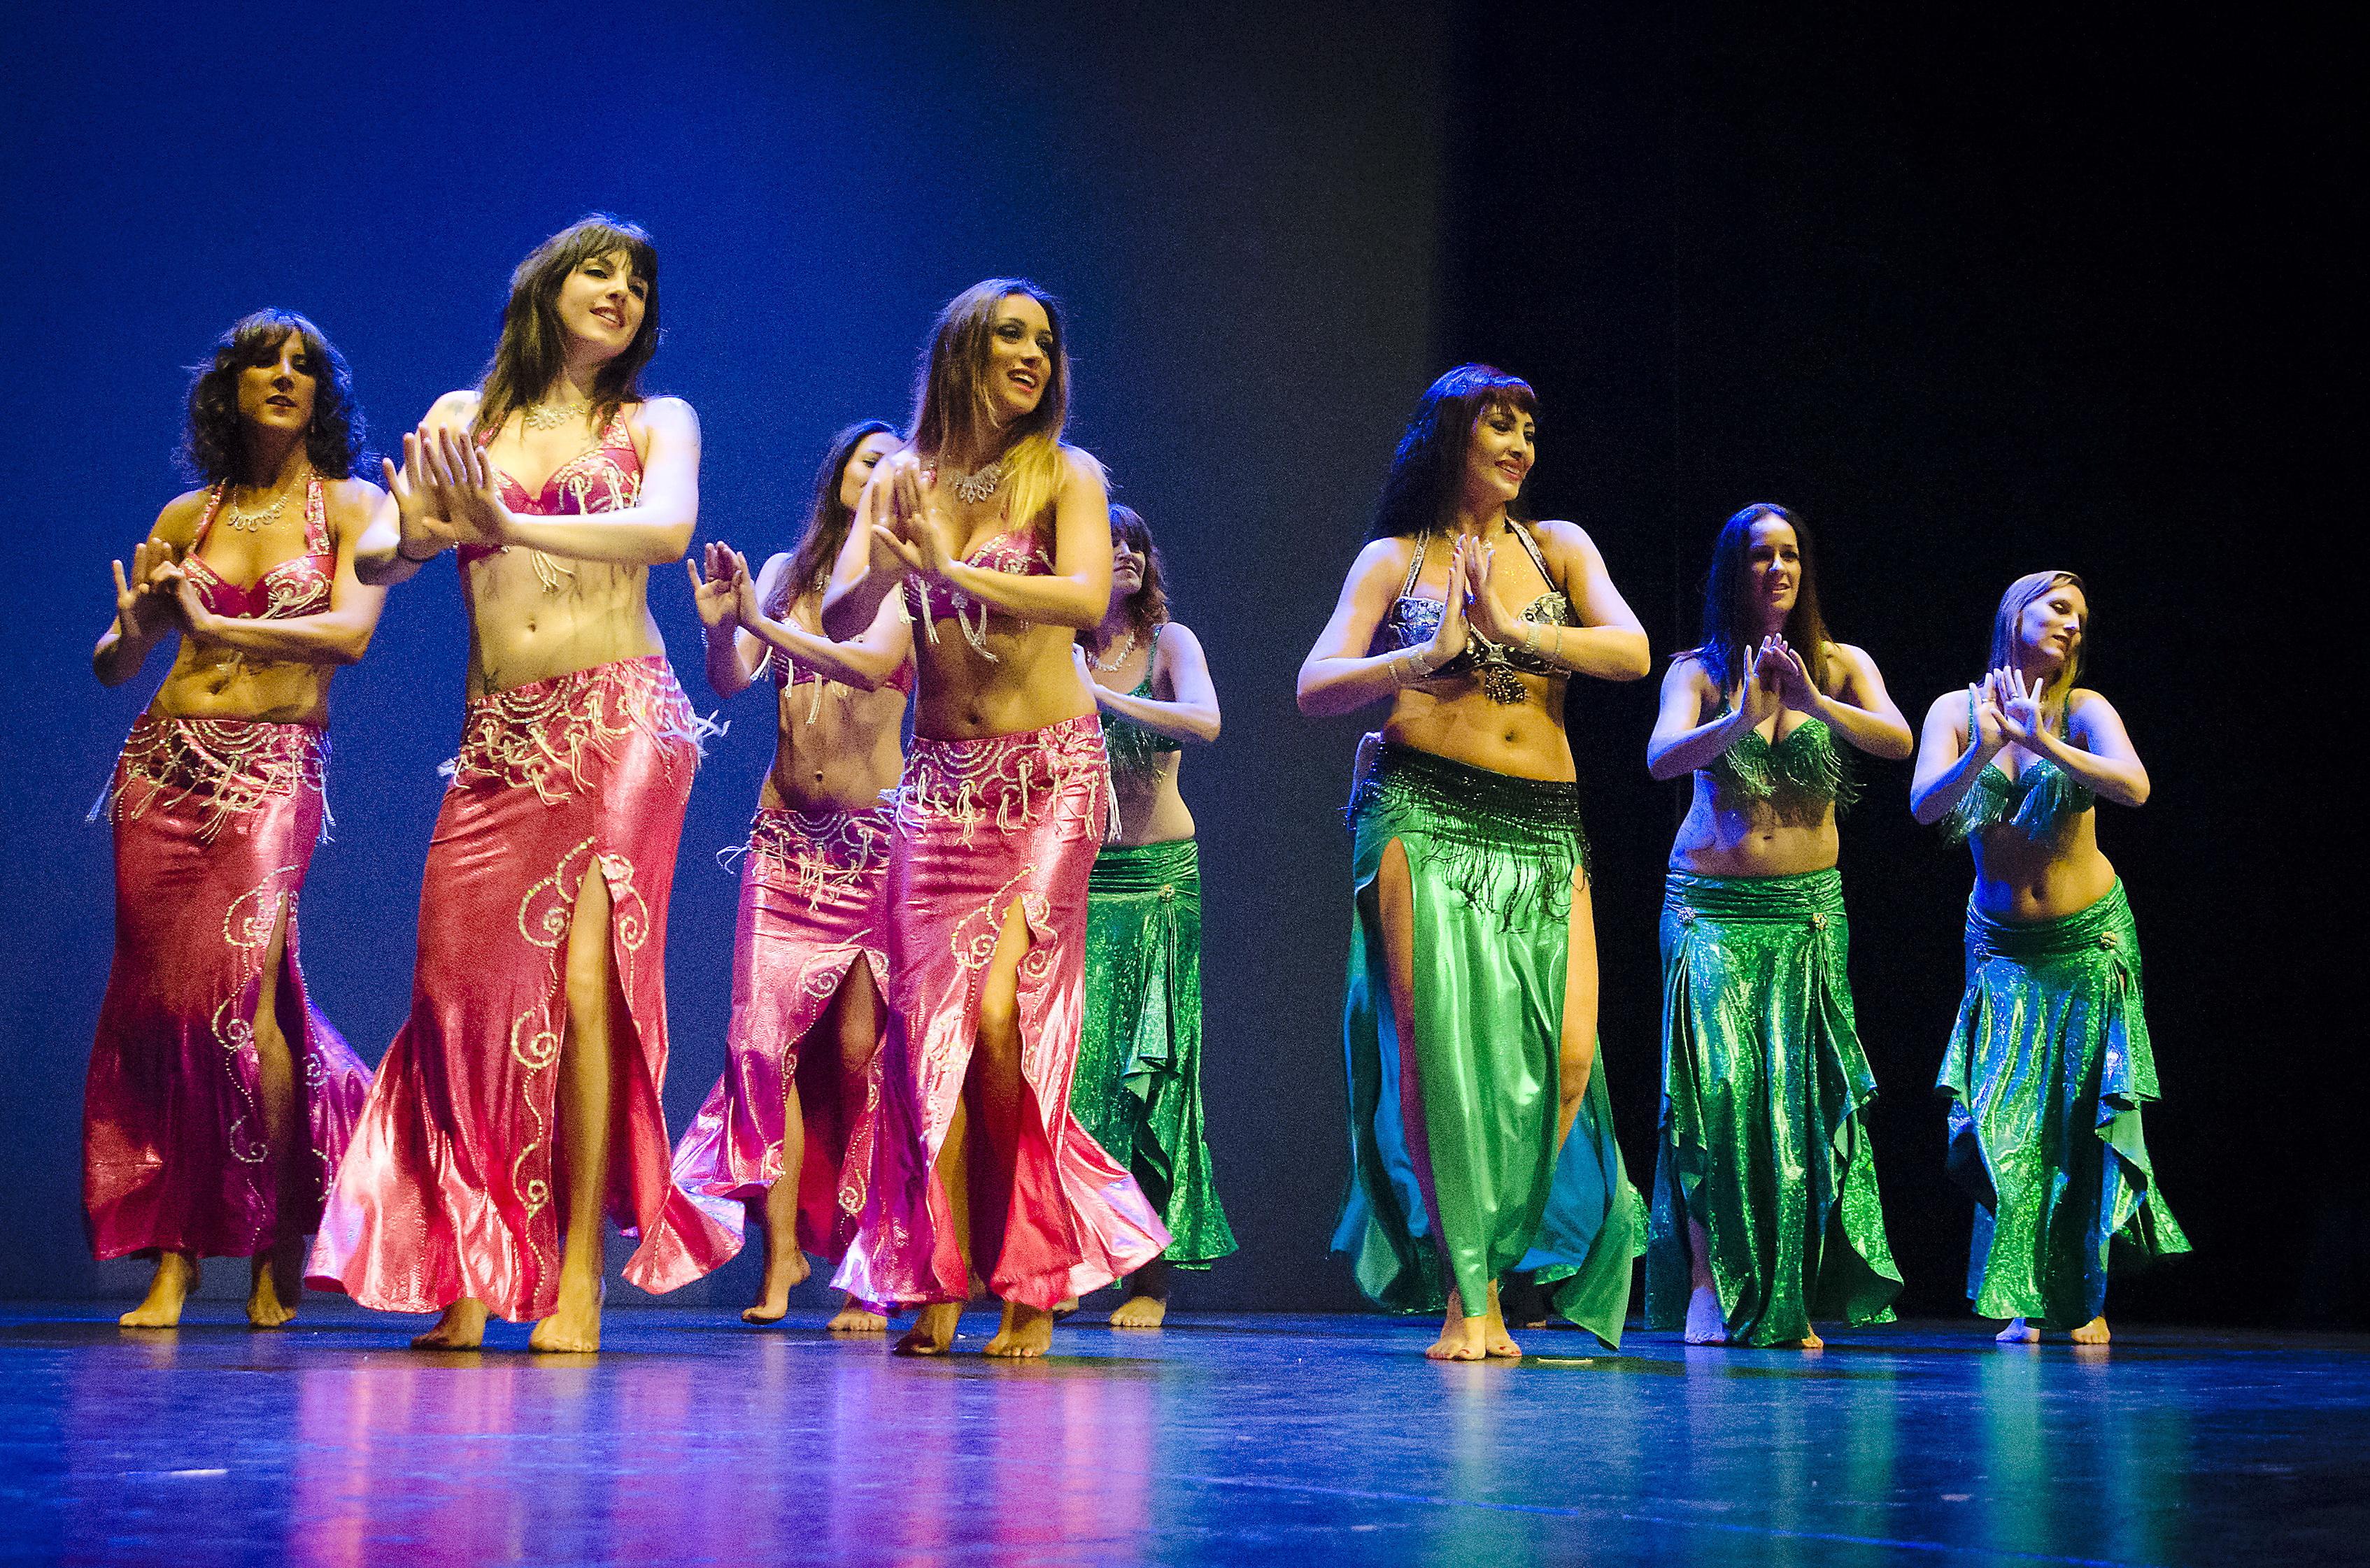 Leire Hathor y alumnas bailando una mejance oriental